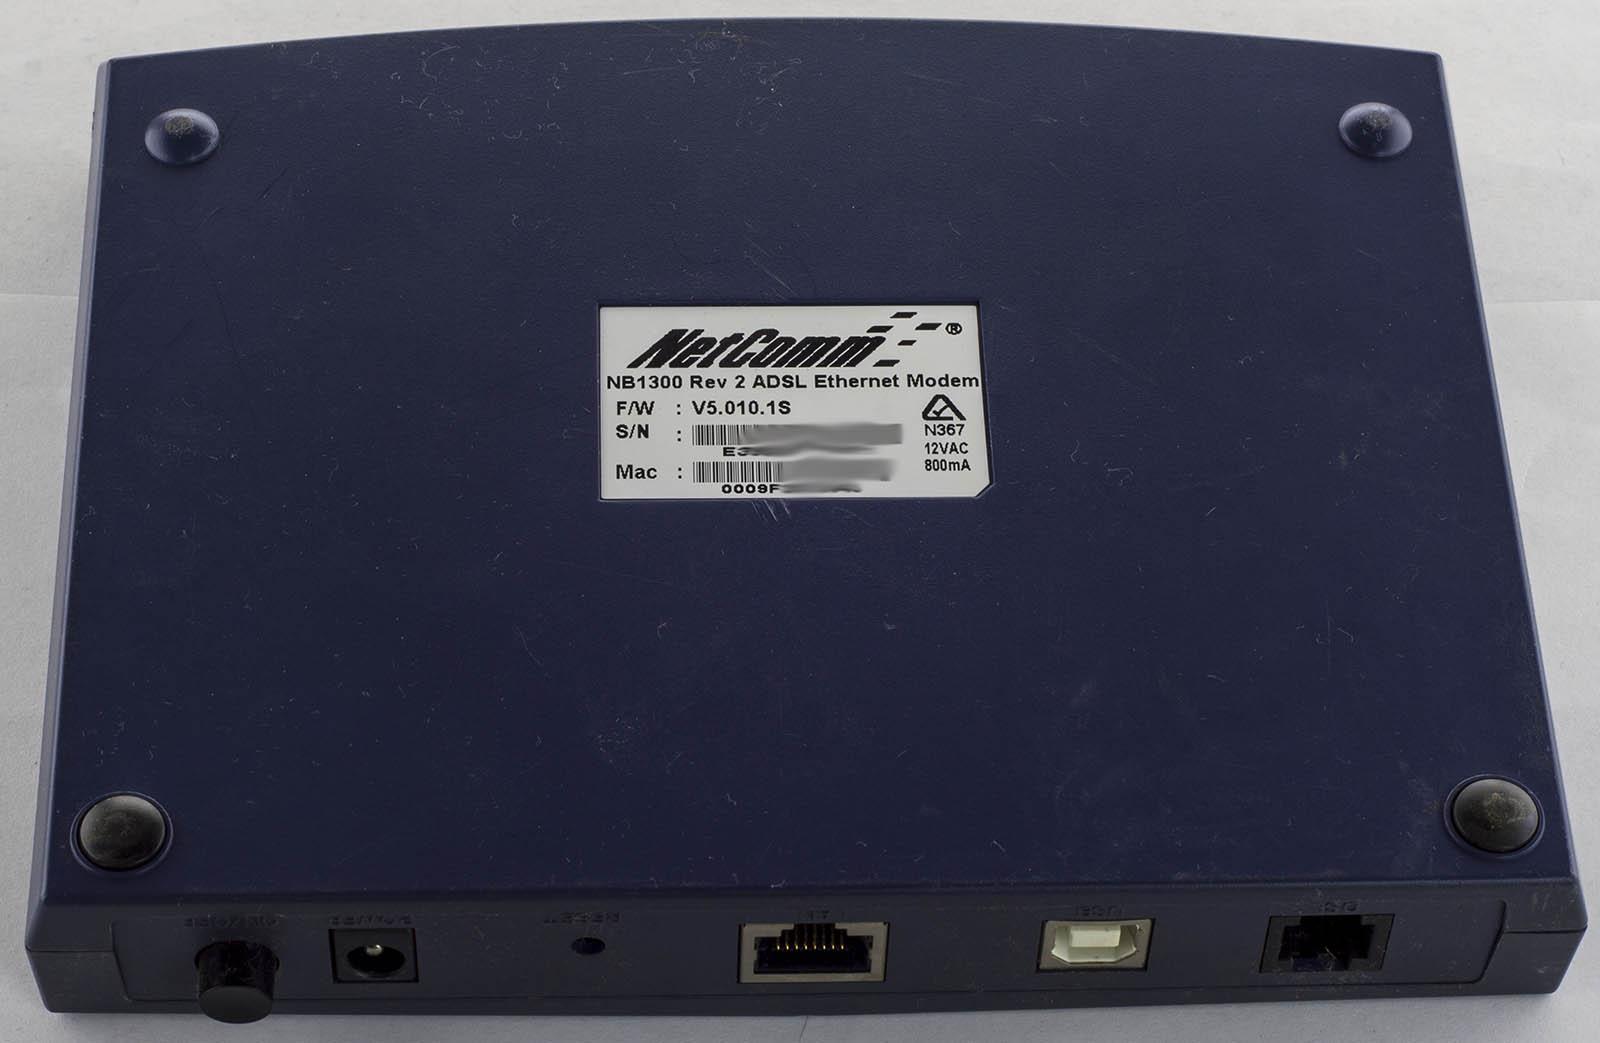 ACCESSRUNNER ADSL MODEM WINDOWS 7 64 DRIVER